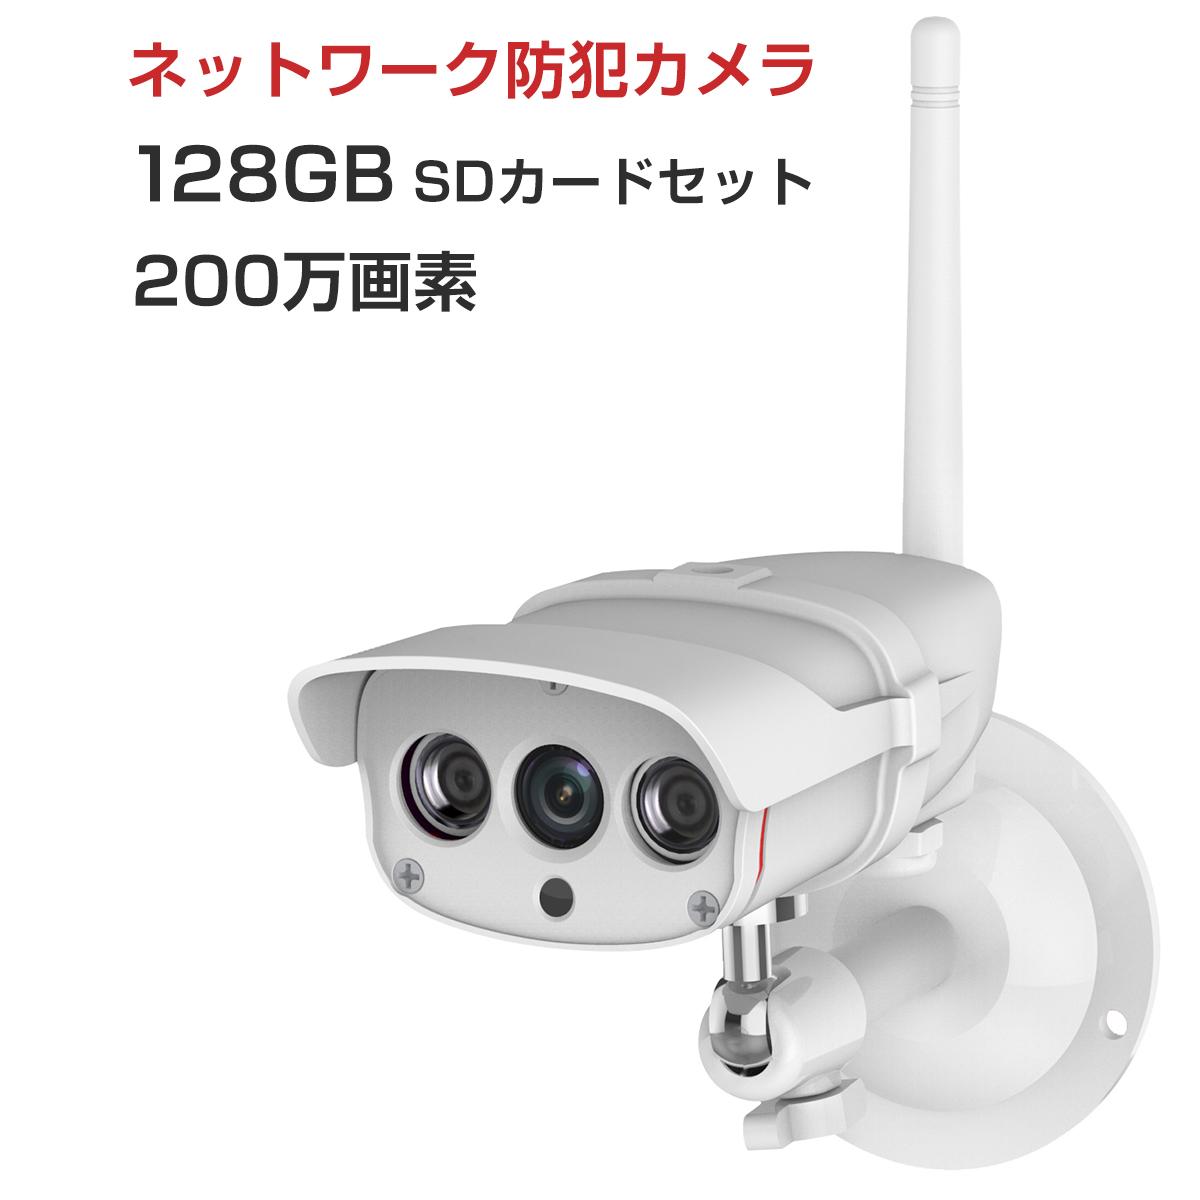 防犯カメラ 200万画素 C7816 SDカード128GB同梱モデル ペットモニター VStarcam ワイヤレス 無線WIFI MicroSDカード録画 LANケーブルなくても電源繋ぐだけ 屋外用 監視 ネットワーク IP WEB カメラ 動体検知 宅配便送料無料 PSE 技適 1年保証 K&M